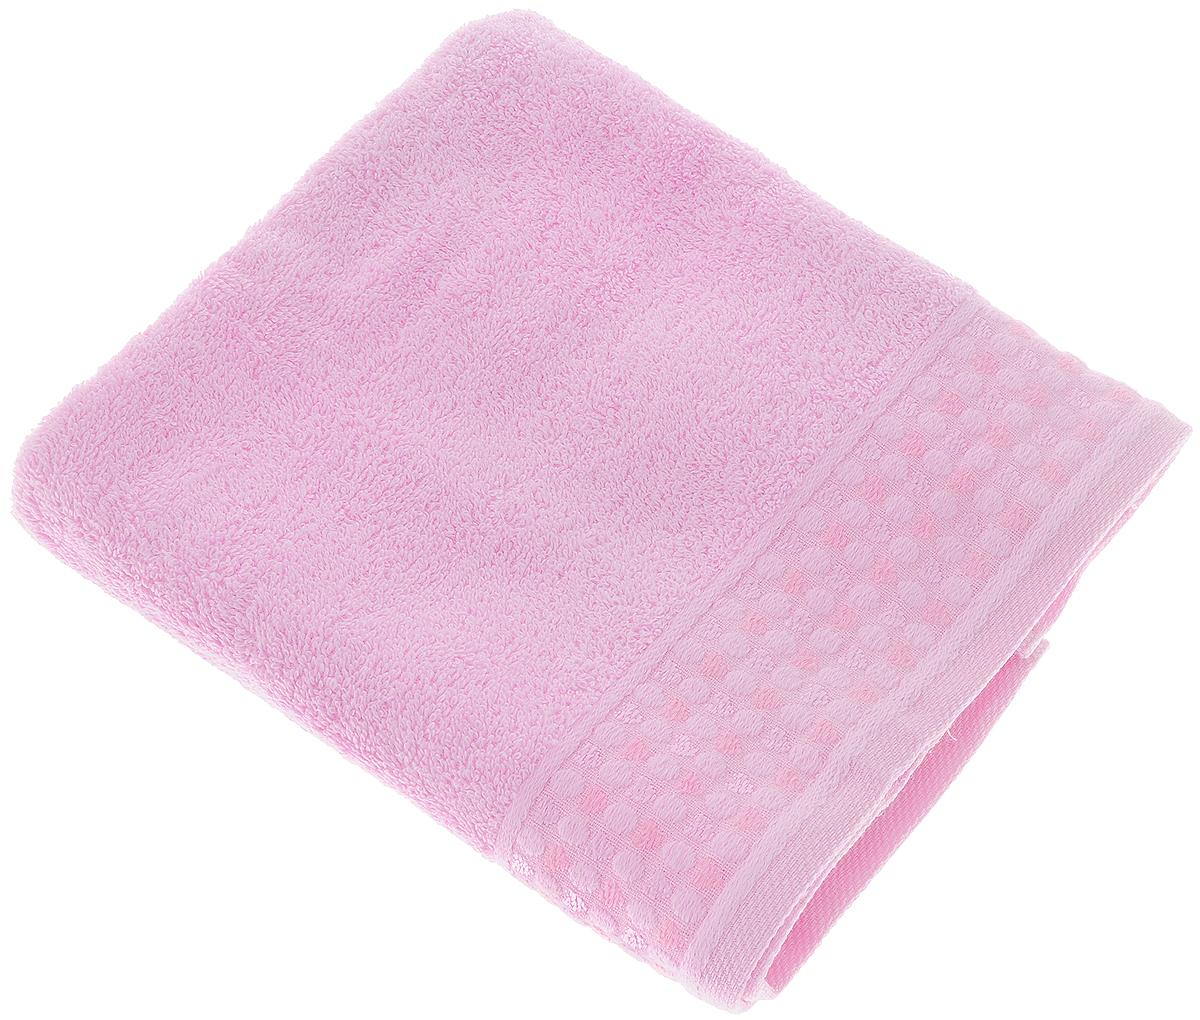 Полотенце Tete-a-Tete Сердечки, цвет: розовый, 50 х 90 смУП-007-04кПолотенце Tete-a-Tete Сердечки выполнено из 100% хлопка. Изделие отлично впитывает влагу, быстро сохнет, сохраняет яркость цвета и не теряет форму даже после многократных стирок. Такое полотенце очень практично и неприхотливо в уходе. Оно создаст прекрасное настроение и украсит интерьер в ванной комнате. Полотенце упаковано в красивую коробку и может послужит отличной идеей для подарка.